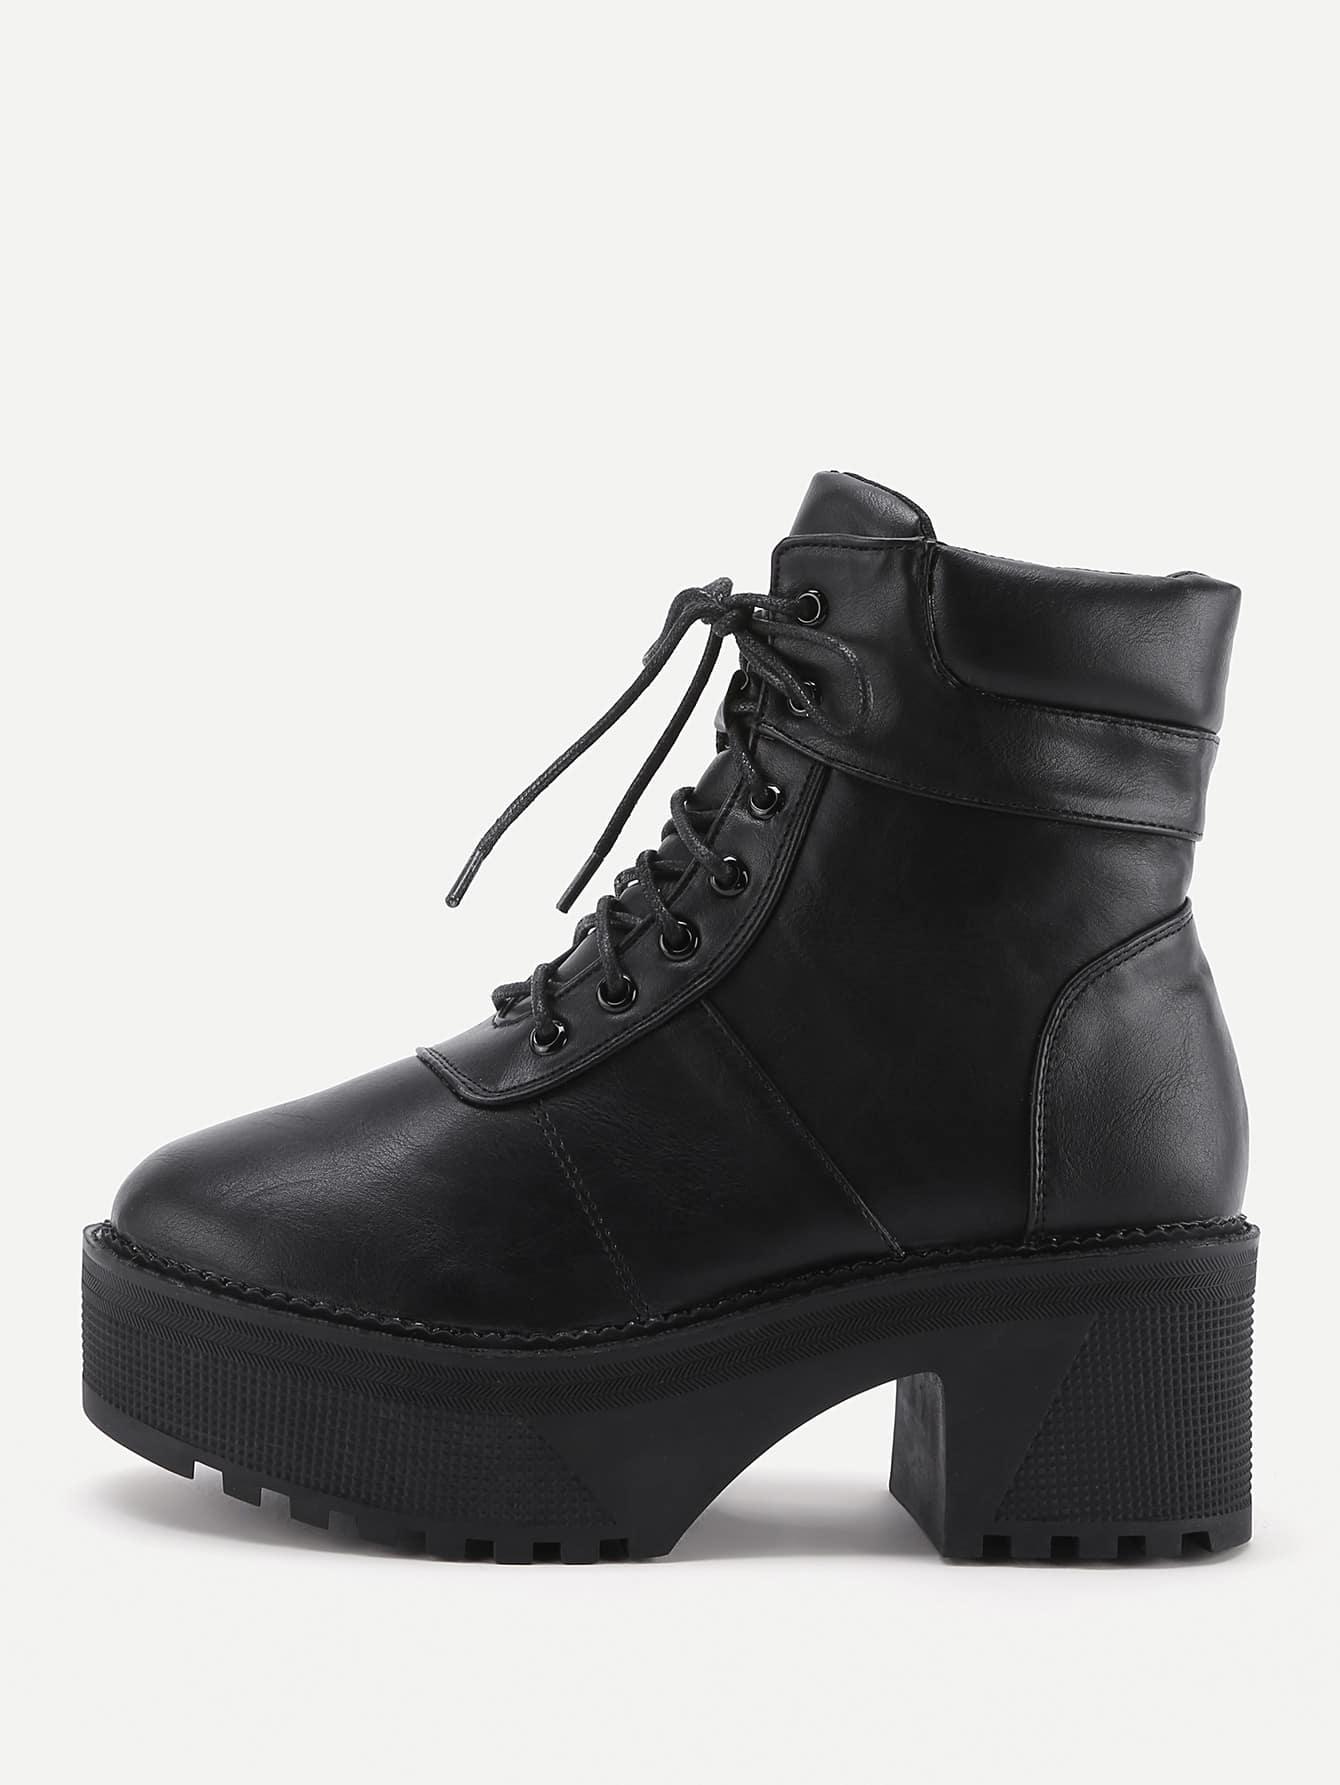 Platform Lace Up Faux Leather Boots shoes170914804